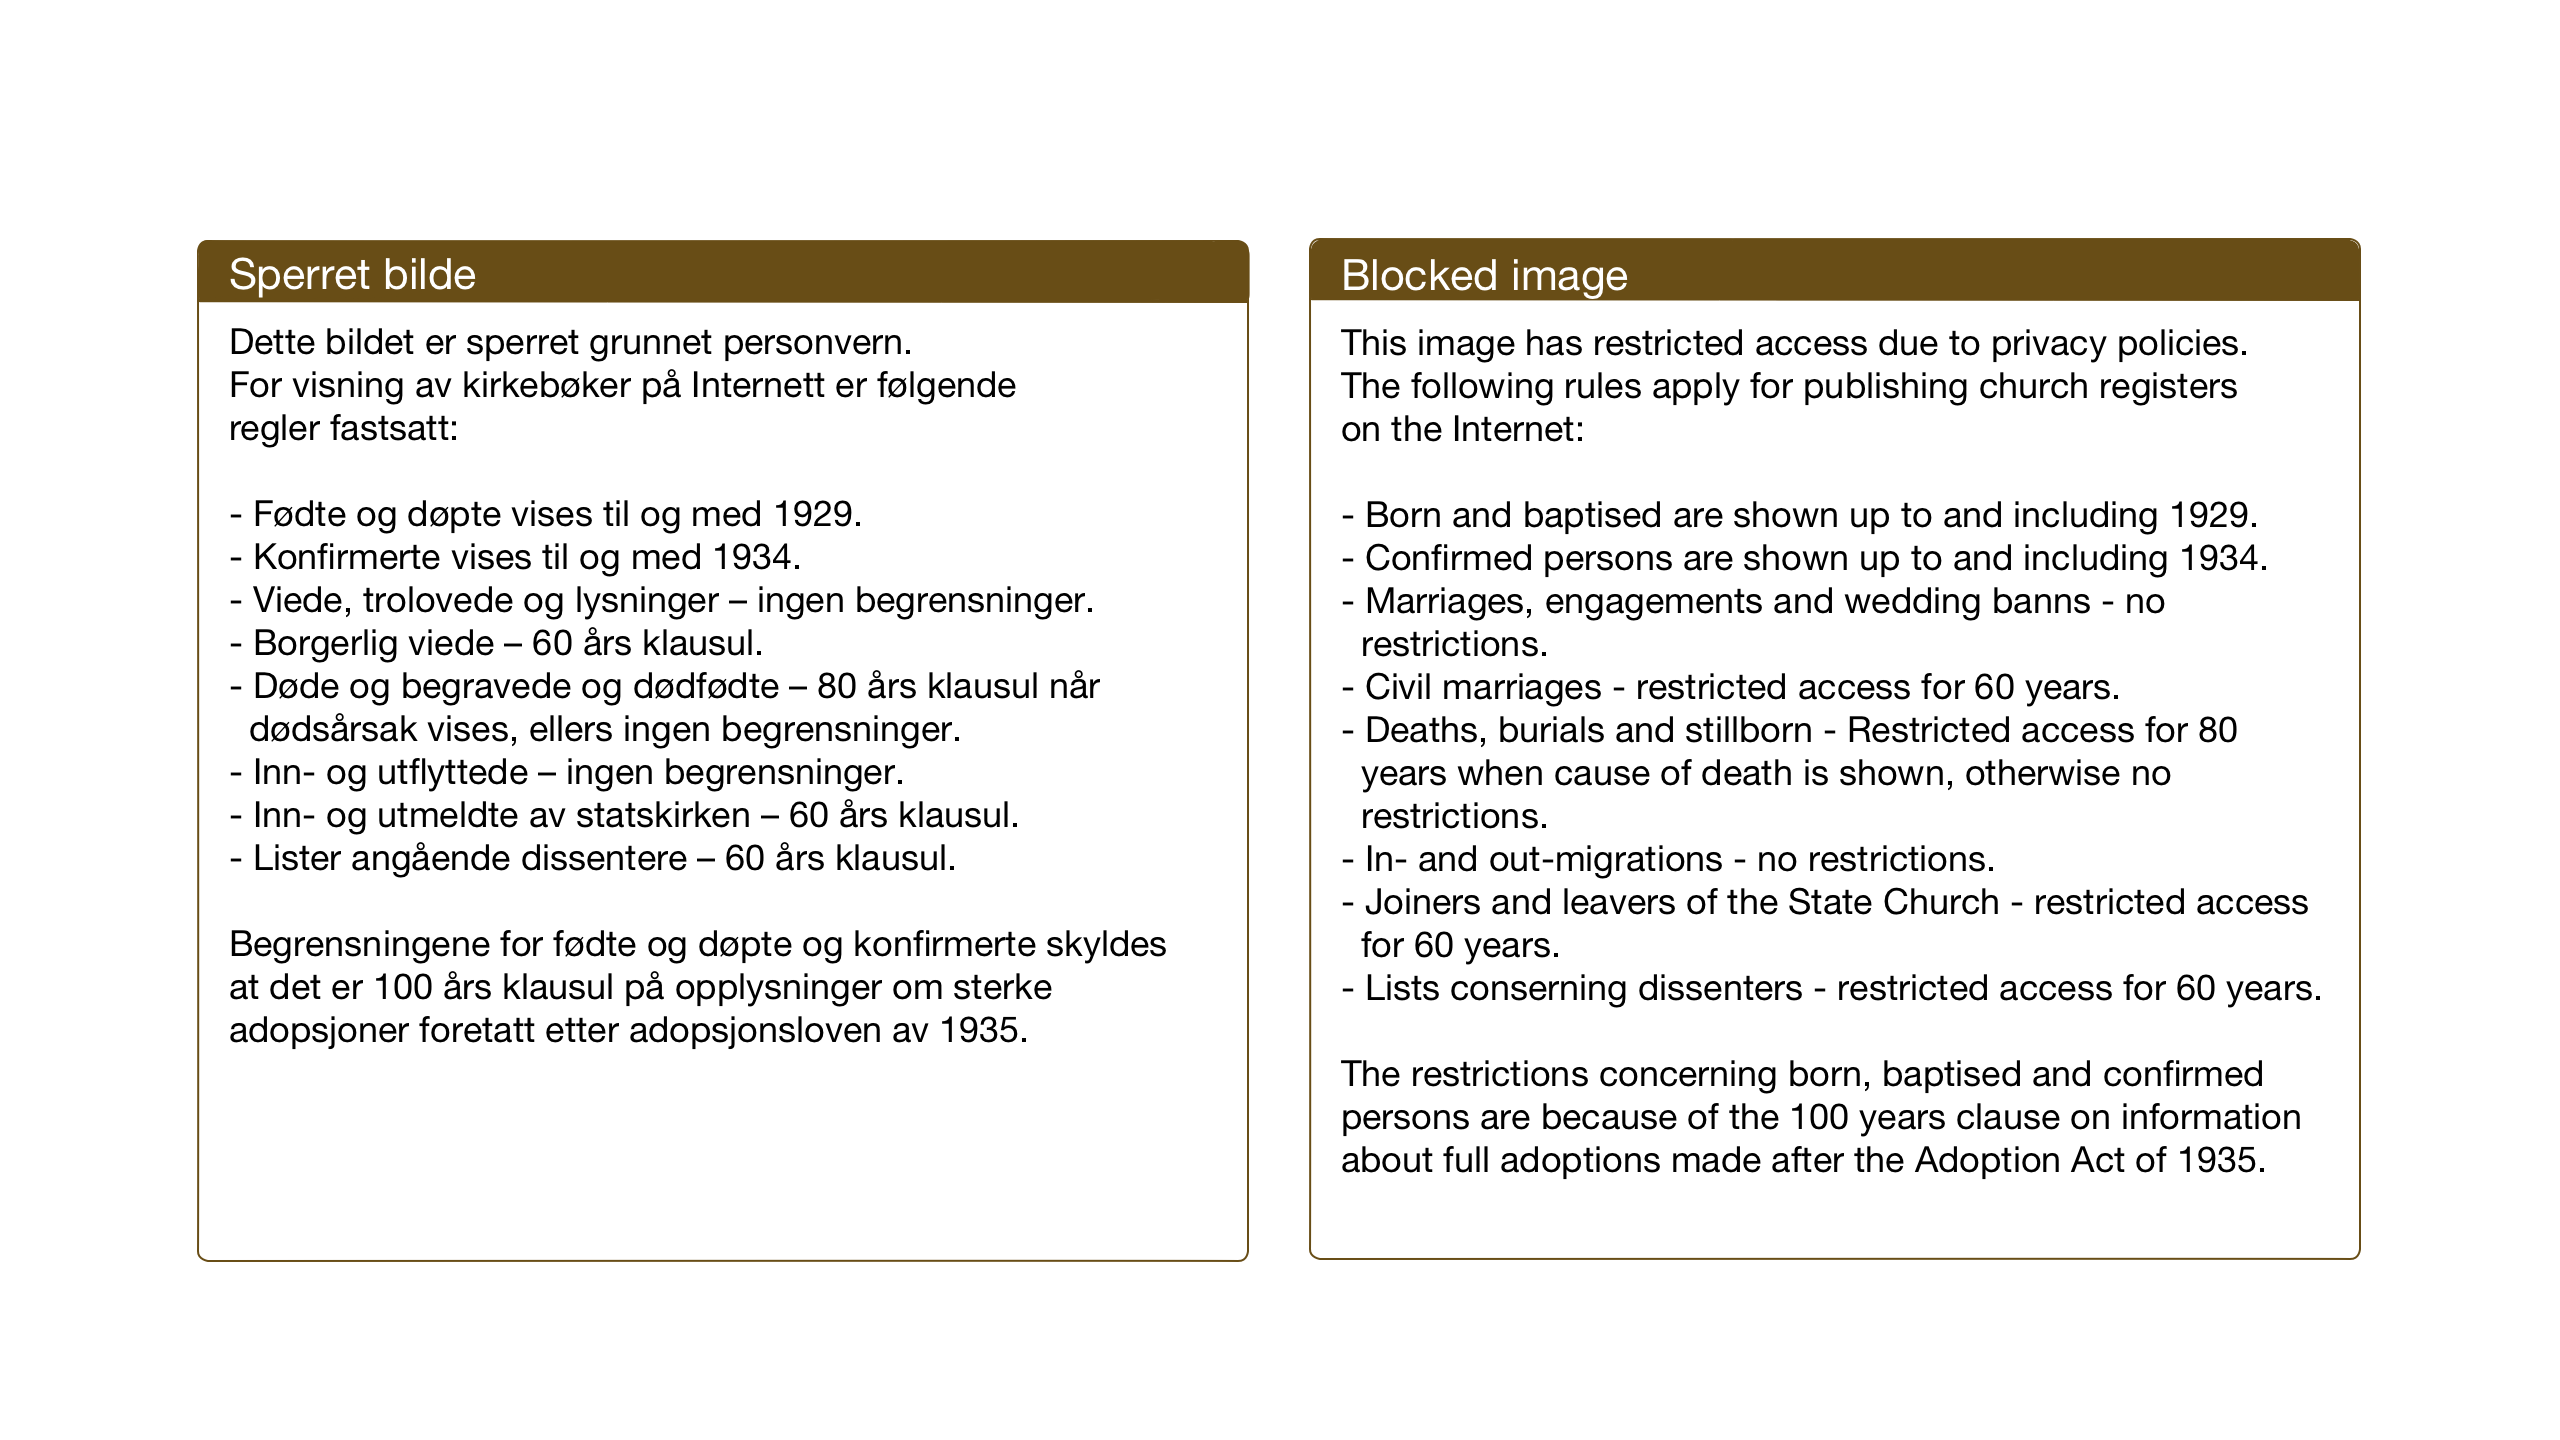 SAT, Ministerialprotokoller, klokkerbøker og fødselsregistre - Sør-Trøndelag, 682/L0947: Klokkerbok nr. 682C01, 1926-1968, s. 19